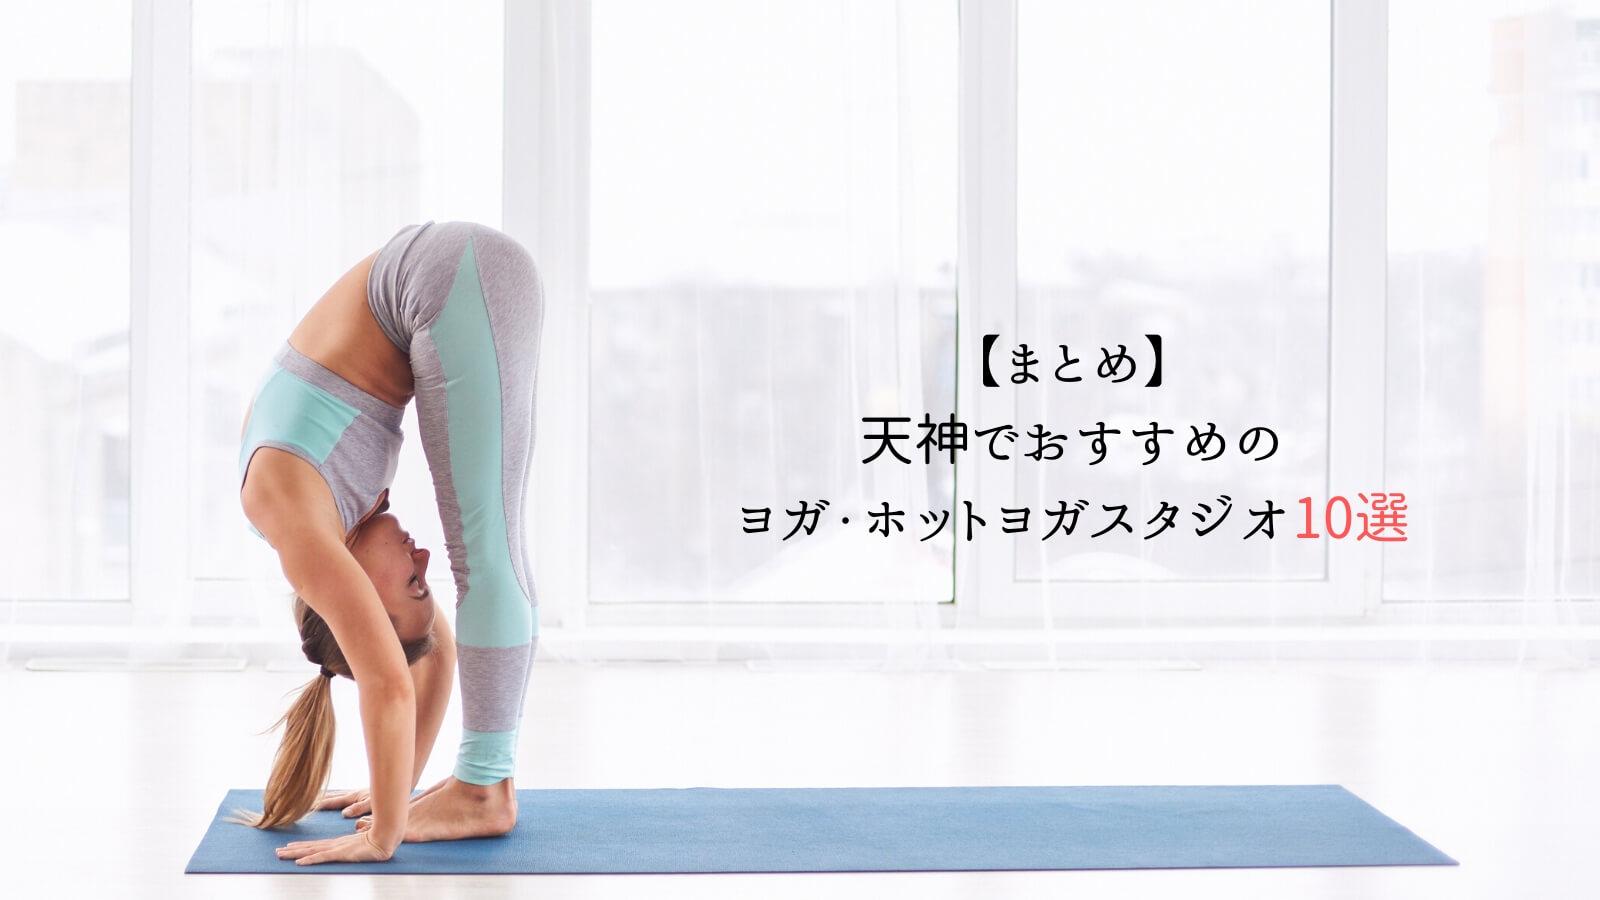 【まとめ】天神でおすすめのヨガ・ホットヨガスタジオ10選